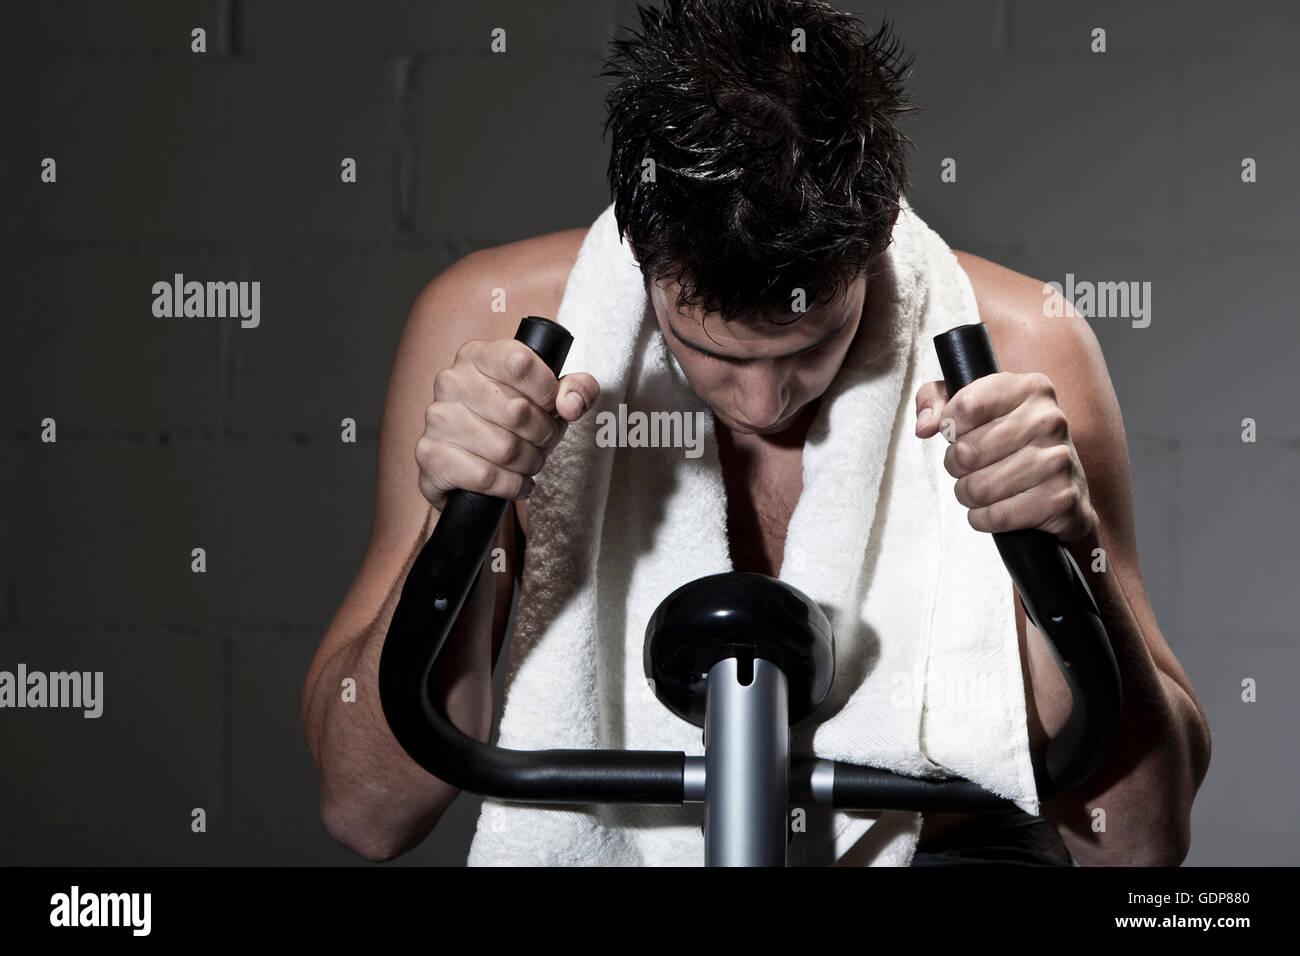 Hombre con máquina de ejercicio mirando hacia abajo Imagen De Stock